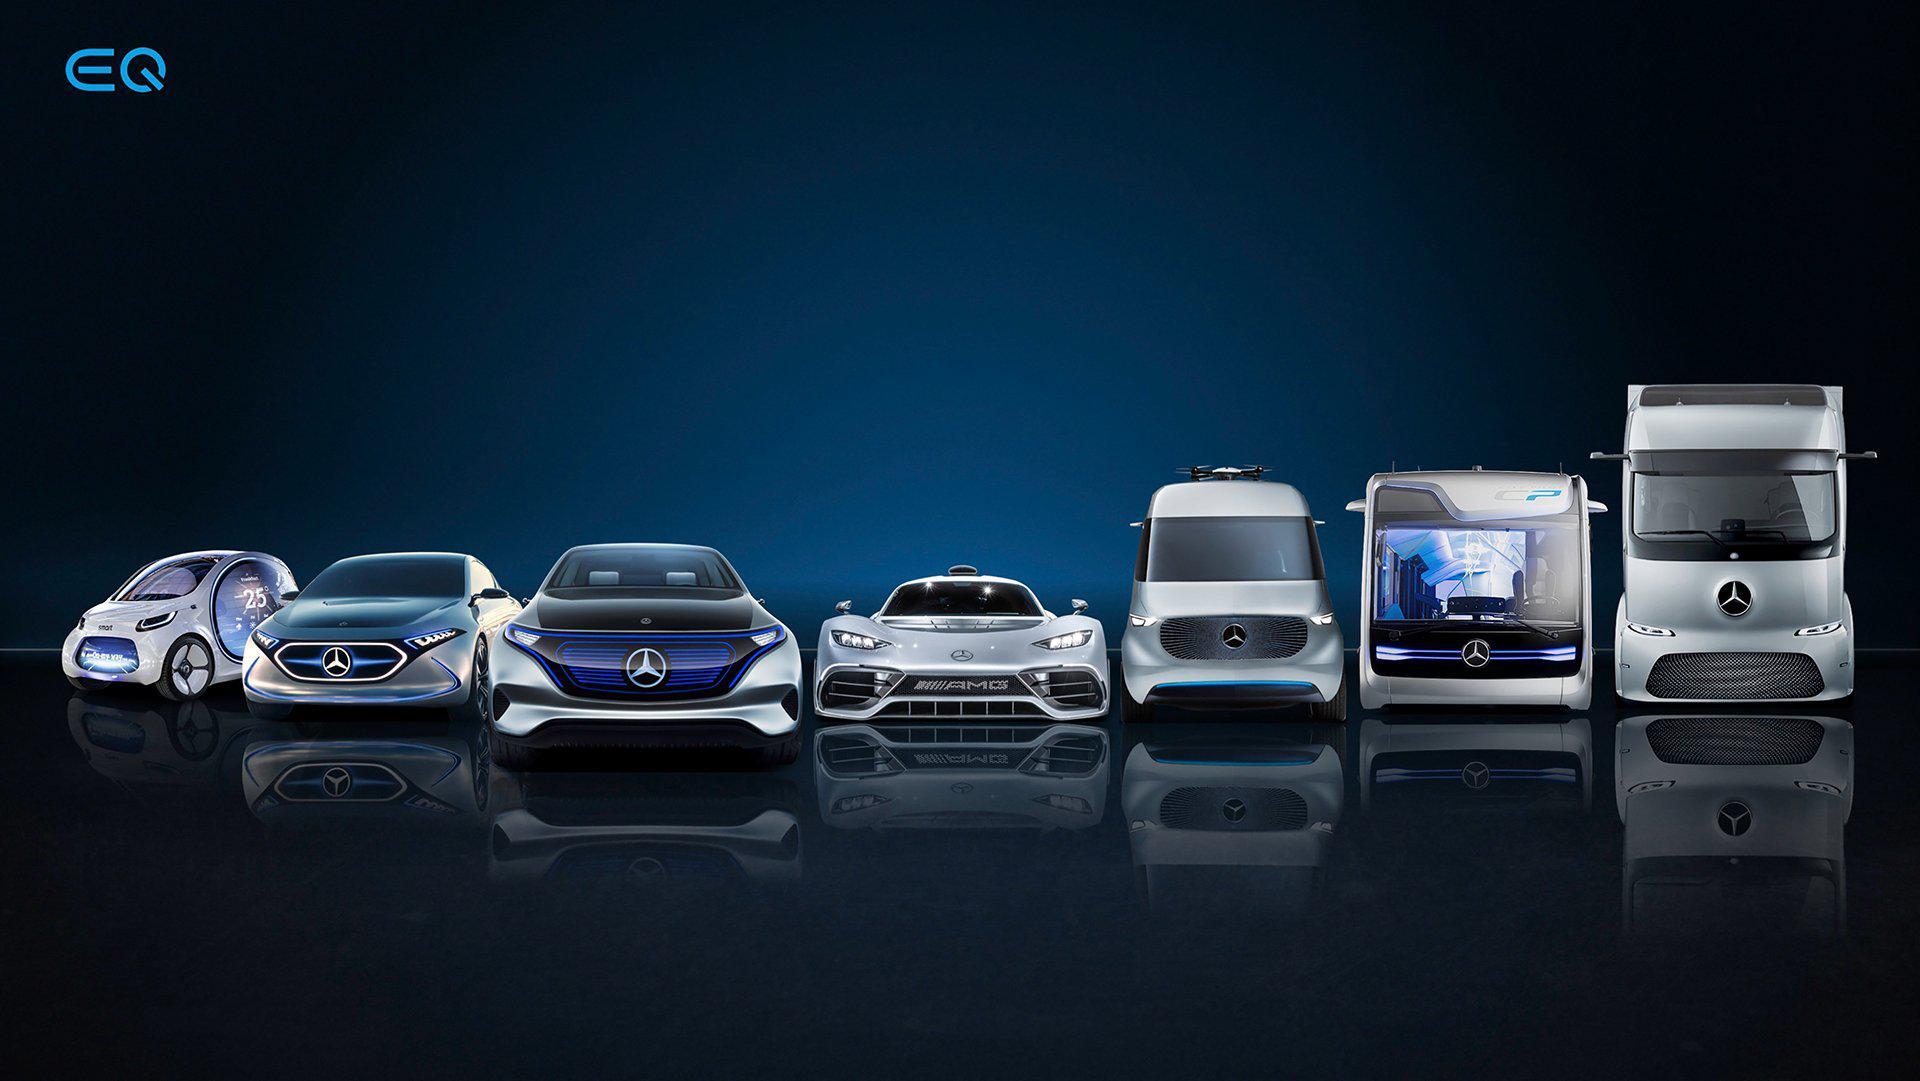 奔驰电动品牌EQ旗下第二款SUV车型EQB将于2021年正式推出